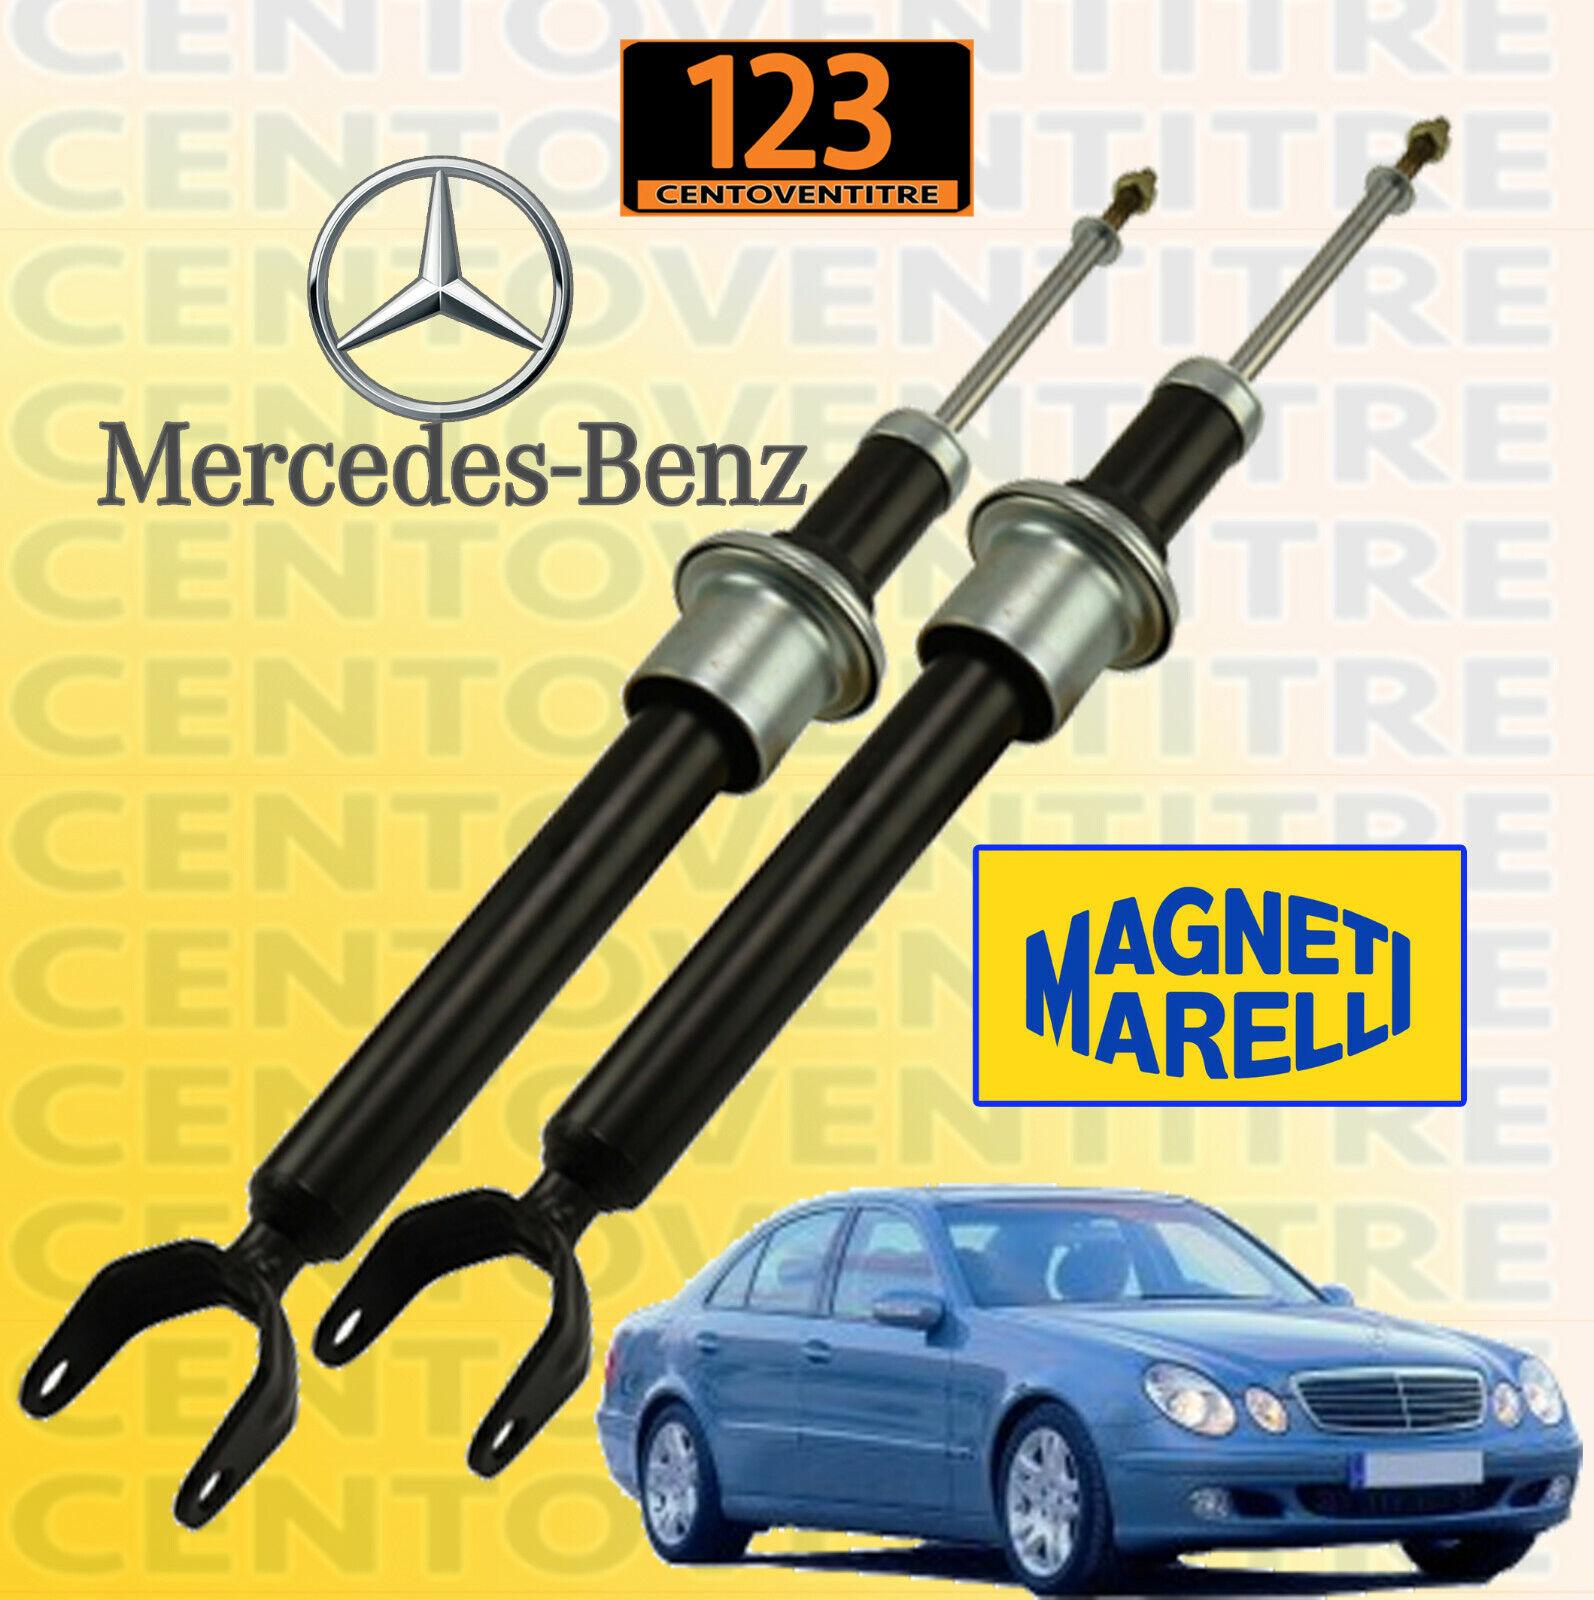 2x portellone posteriore con molla a gas per Classe E T-Model S211 E 200 E 220 E 240 E 270 E 280 E 320 E 350 E 500 E 55 AMG station wagon 2003-2006 2119800364